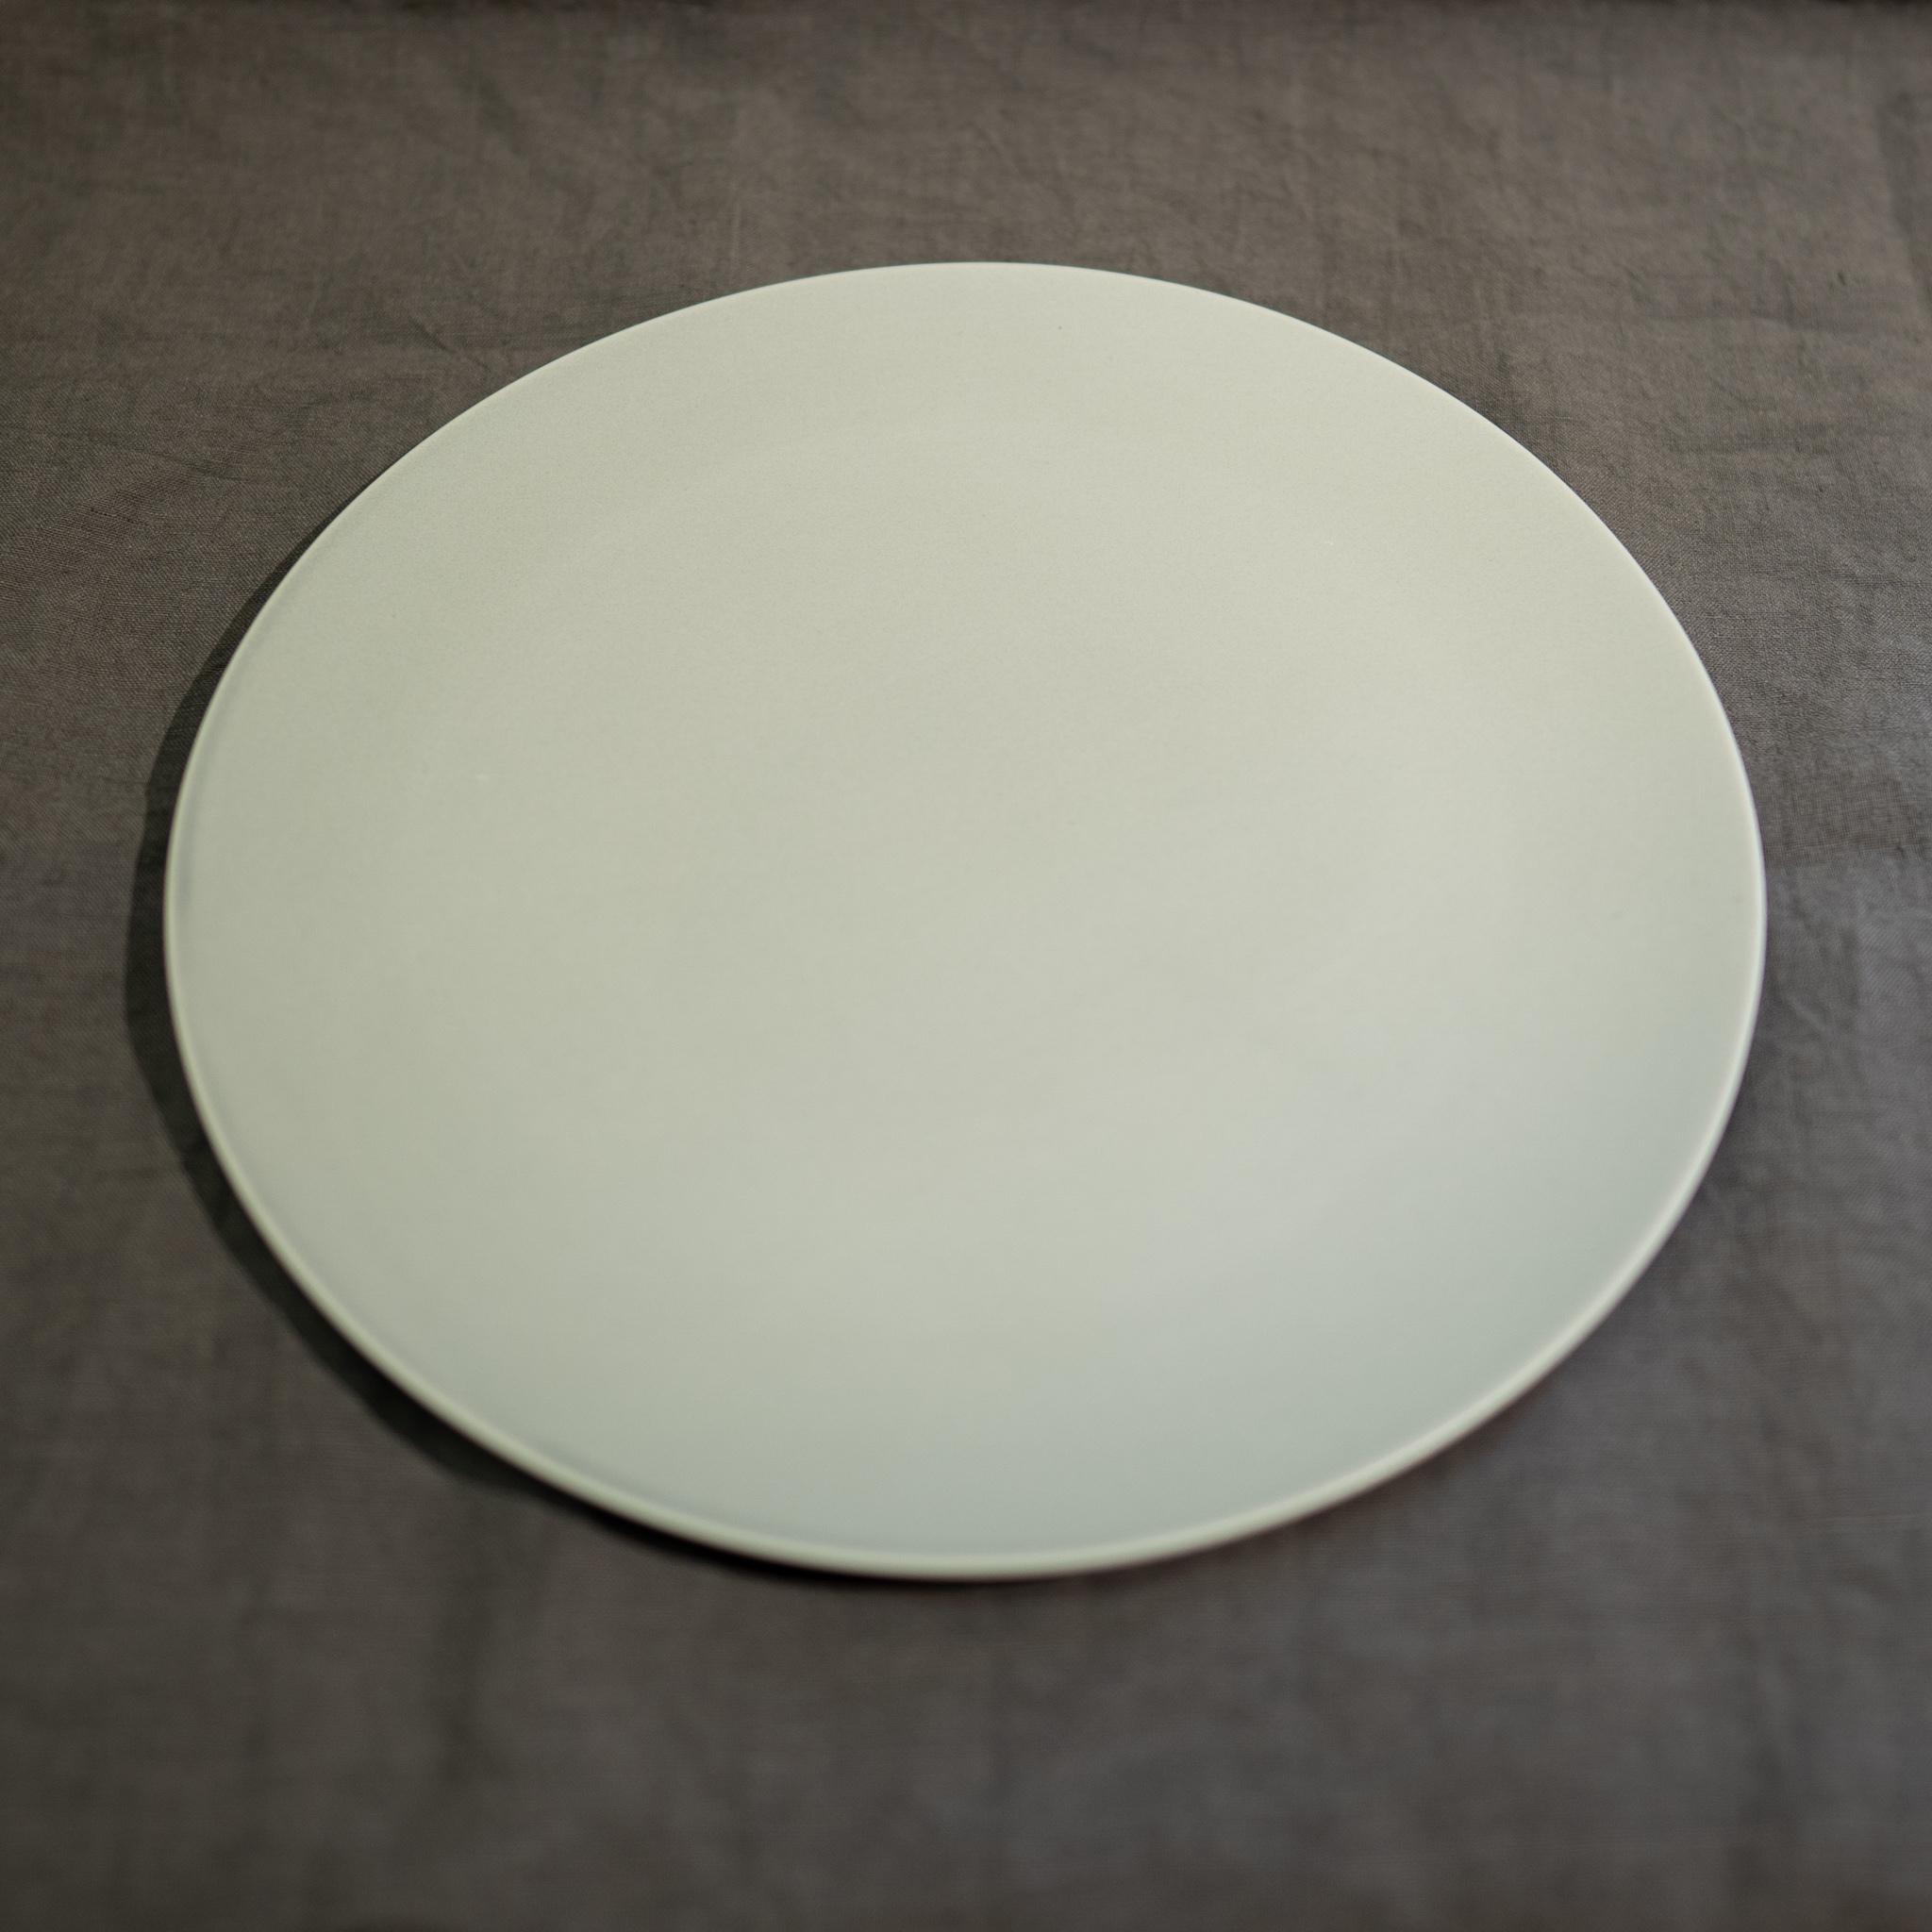 Stone プレート リッチホワイト 23cm